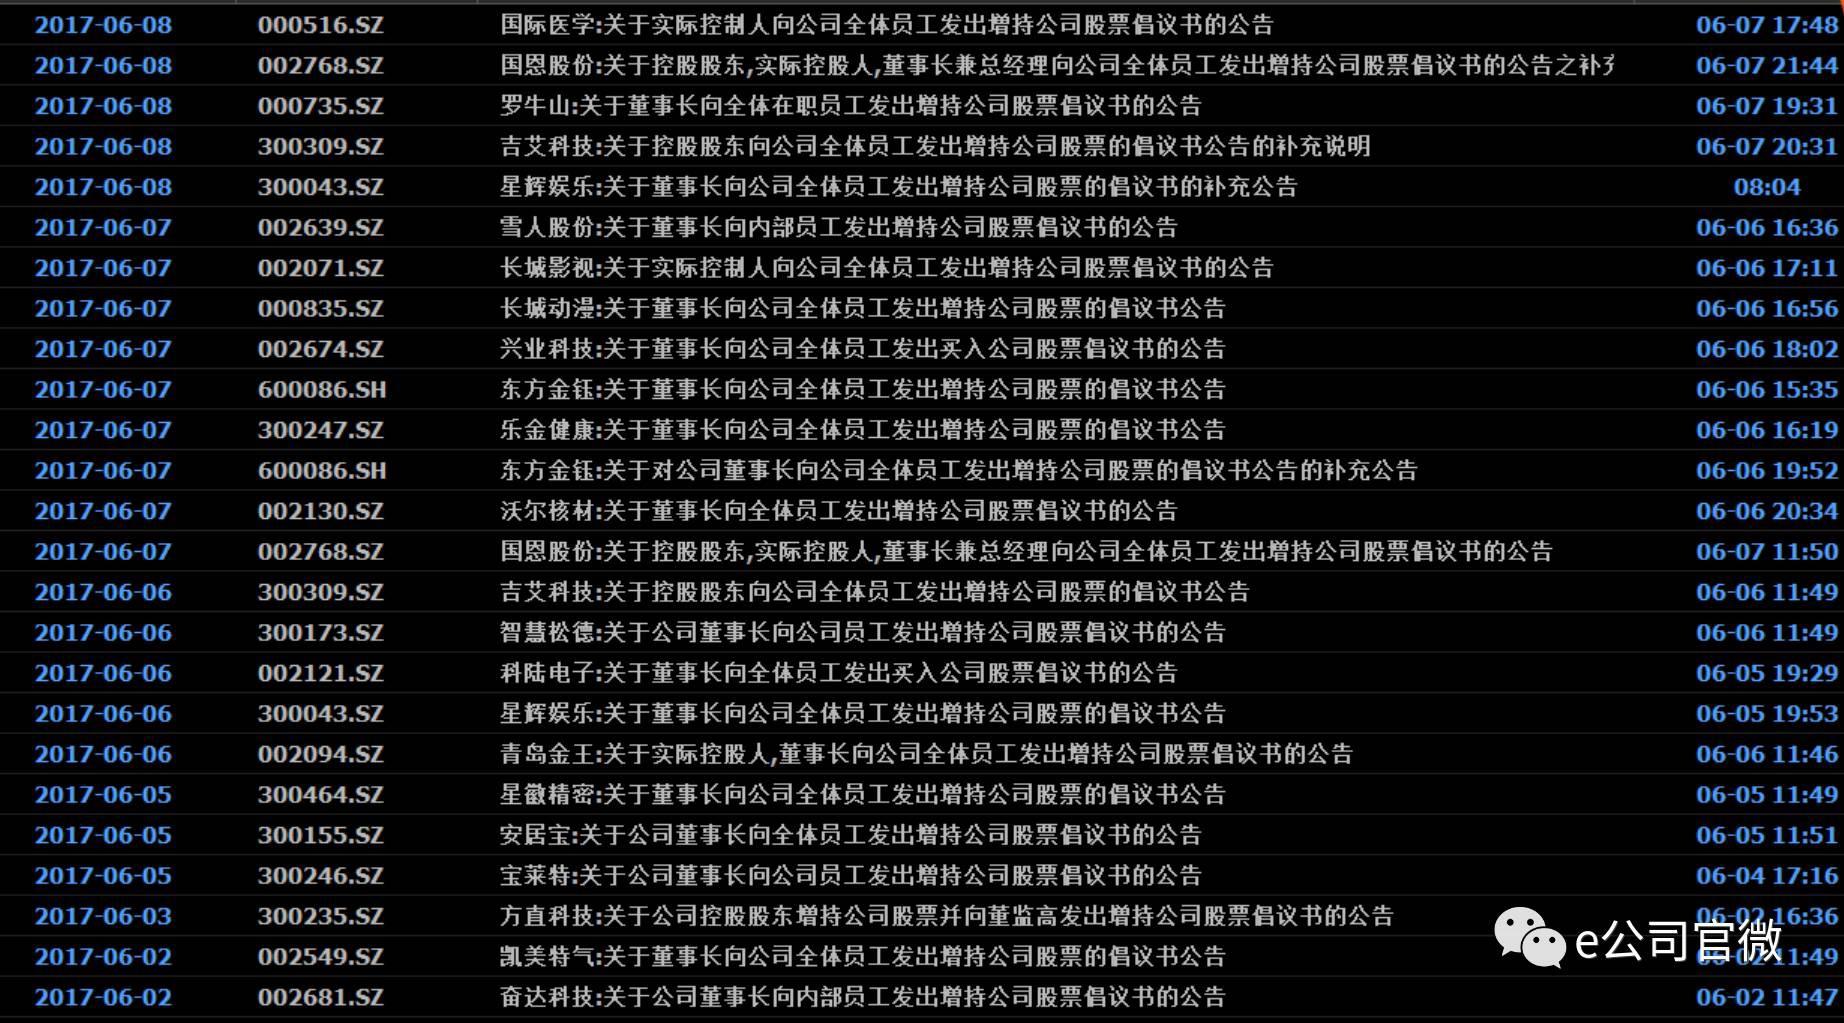 微信图片_20170608191244.jpg